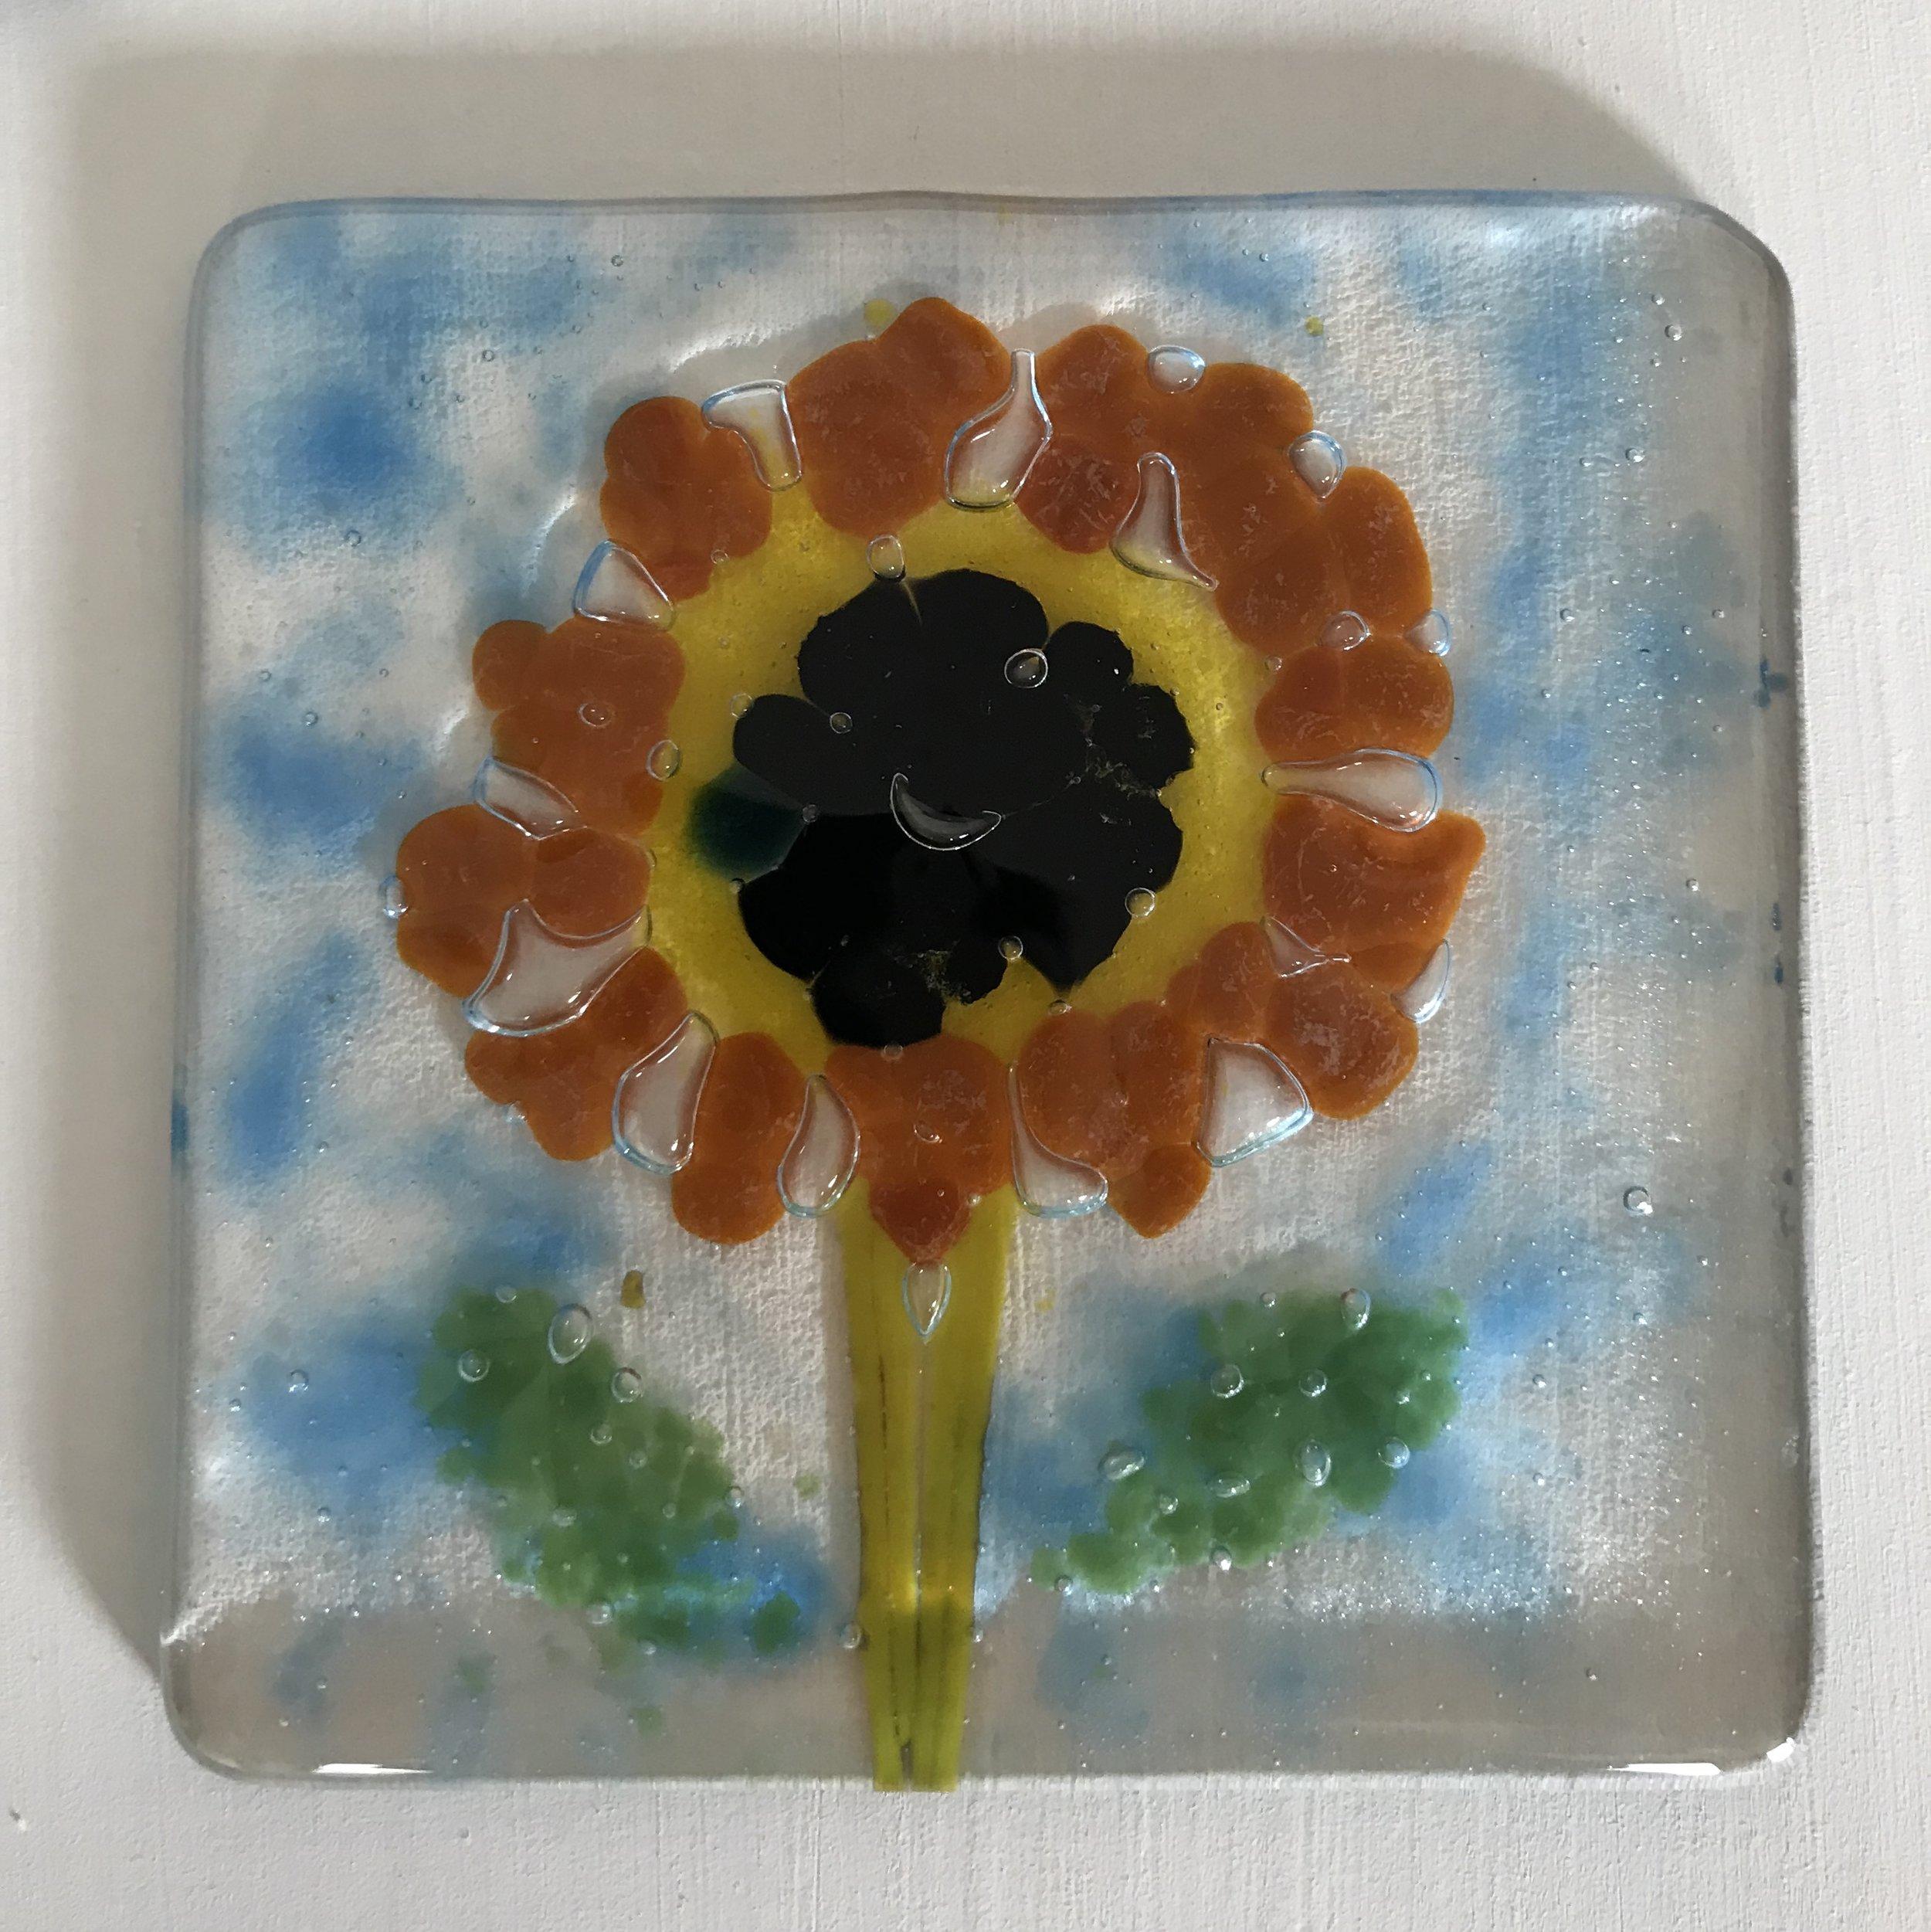 Sunflower after firing